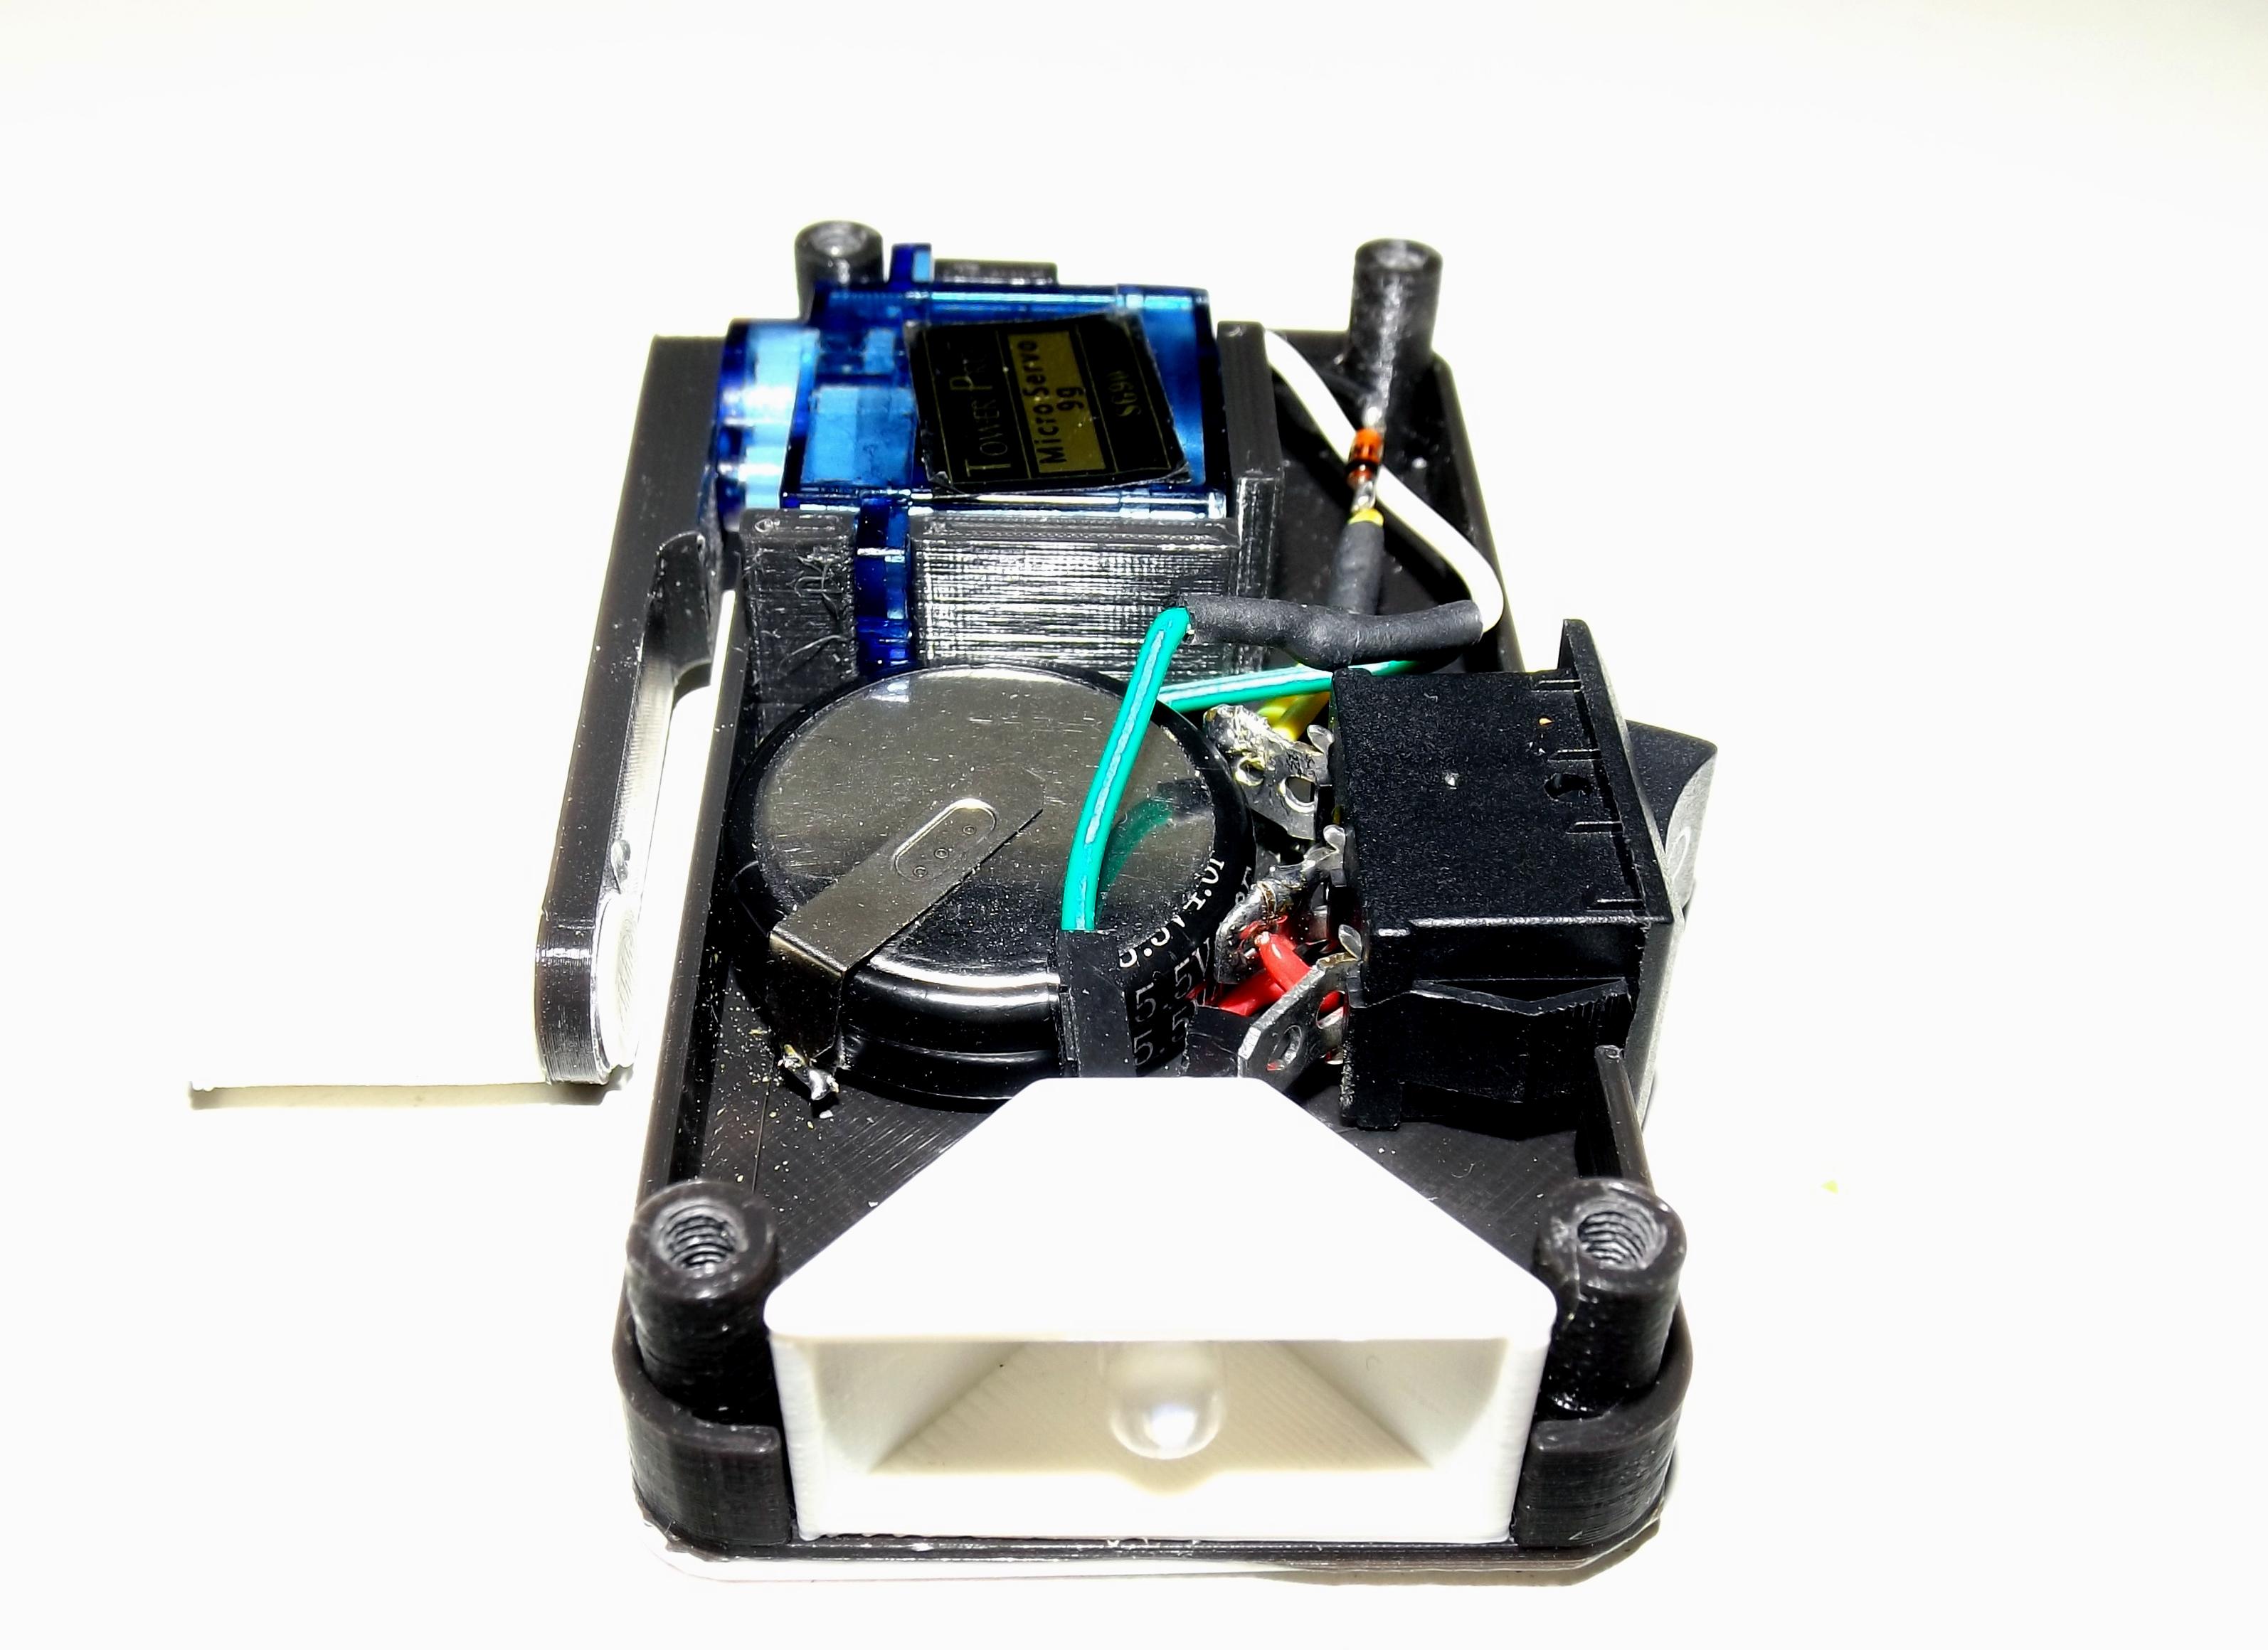 Elektronik im Gehäuse der Kurbeltaschenlampe